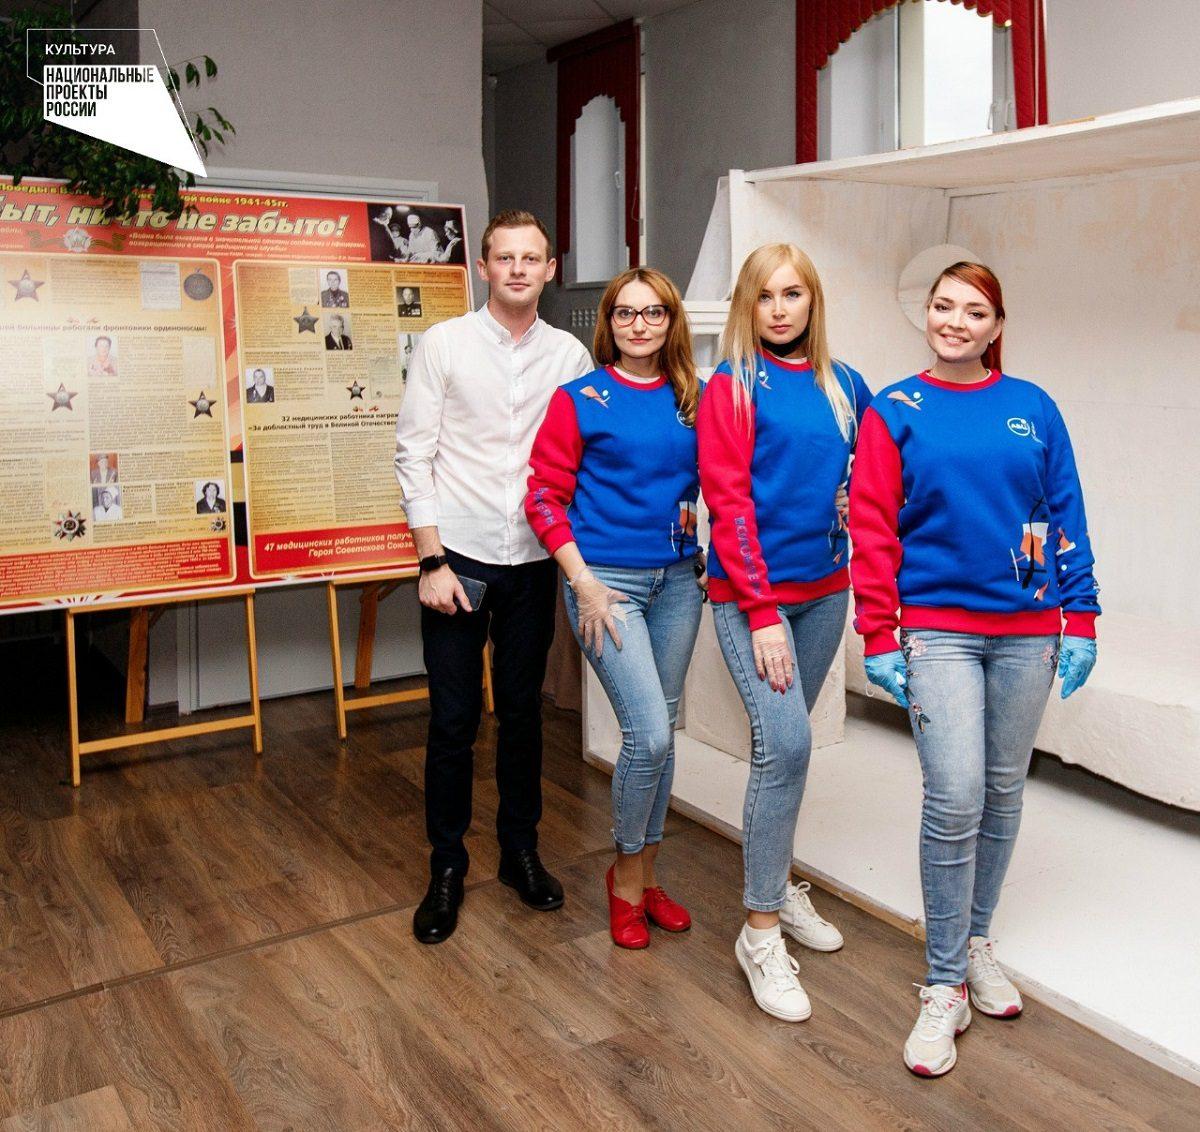 ВНижегородской области названы лучшие районы пореализации программы «Волонтеры культуры» в2020 году